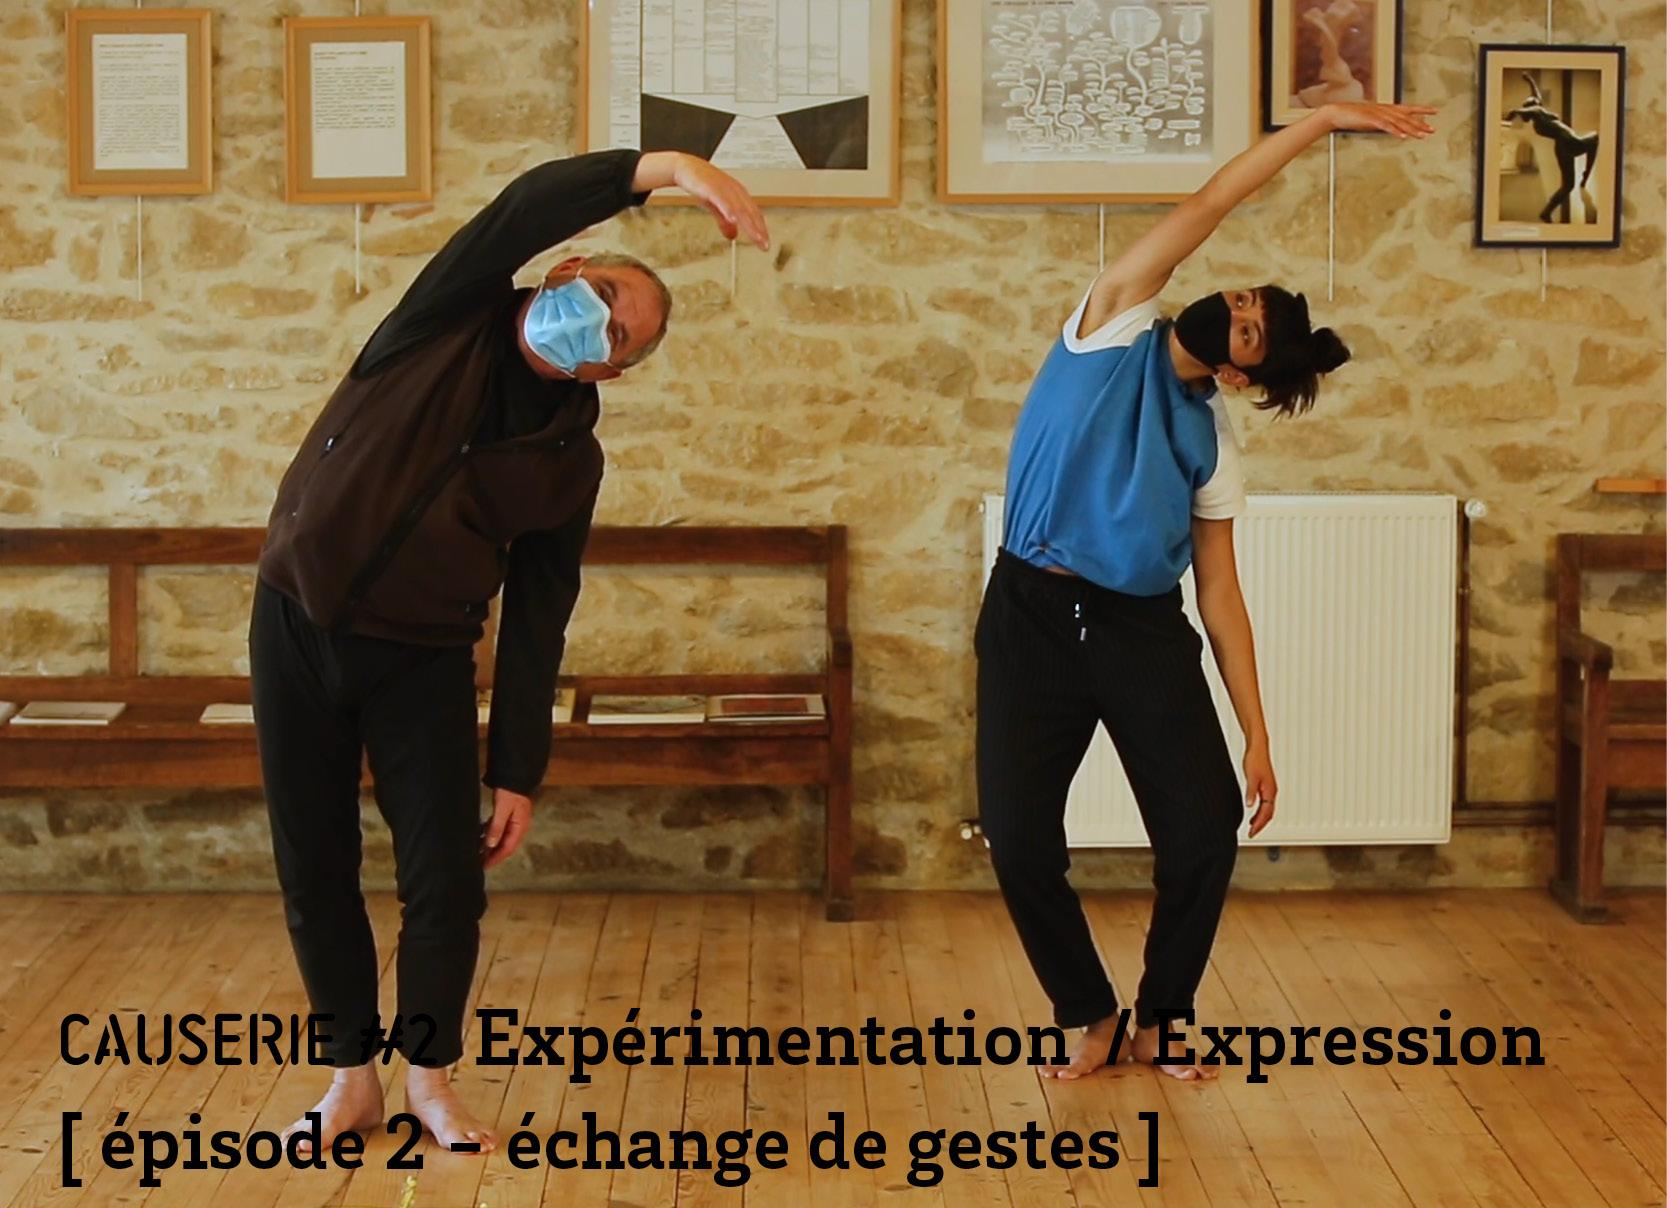 Causerie 2 Expérimentation / expression épisode 2 - échange de gestes